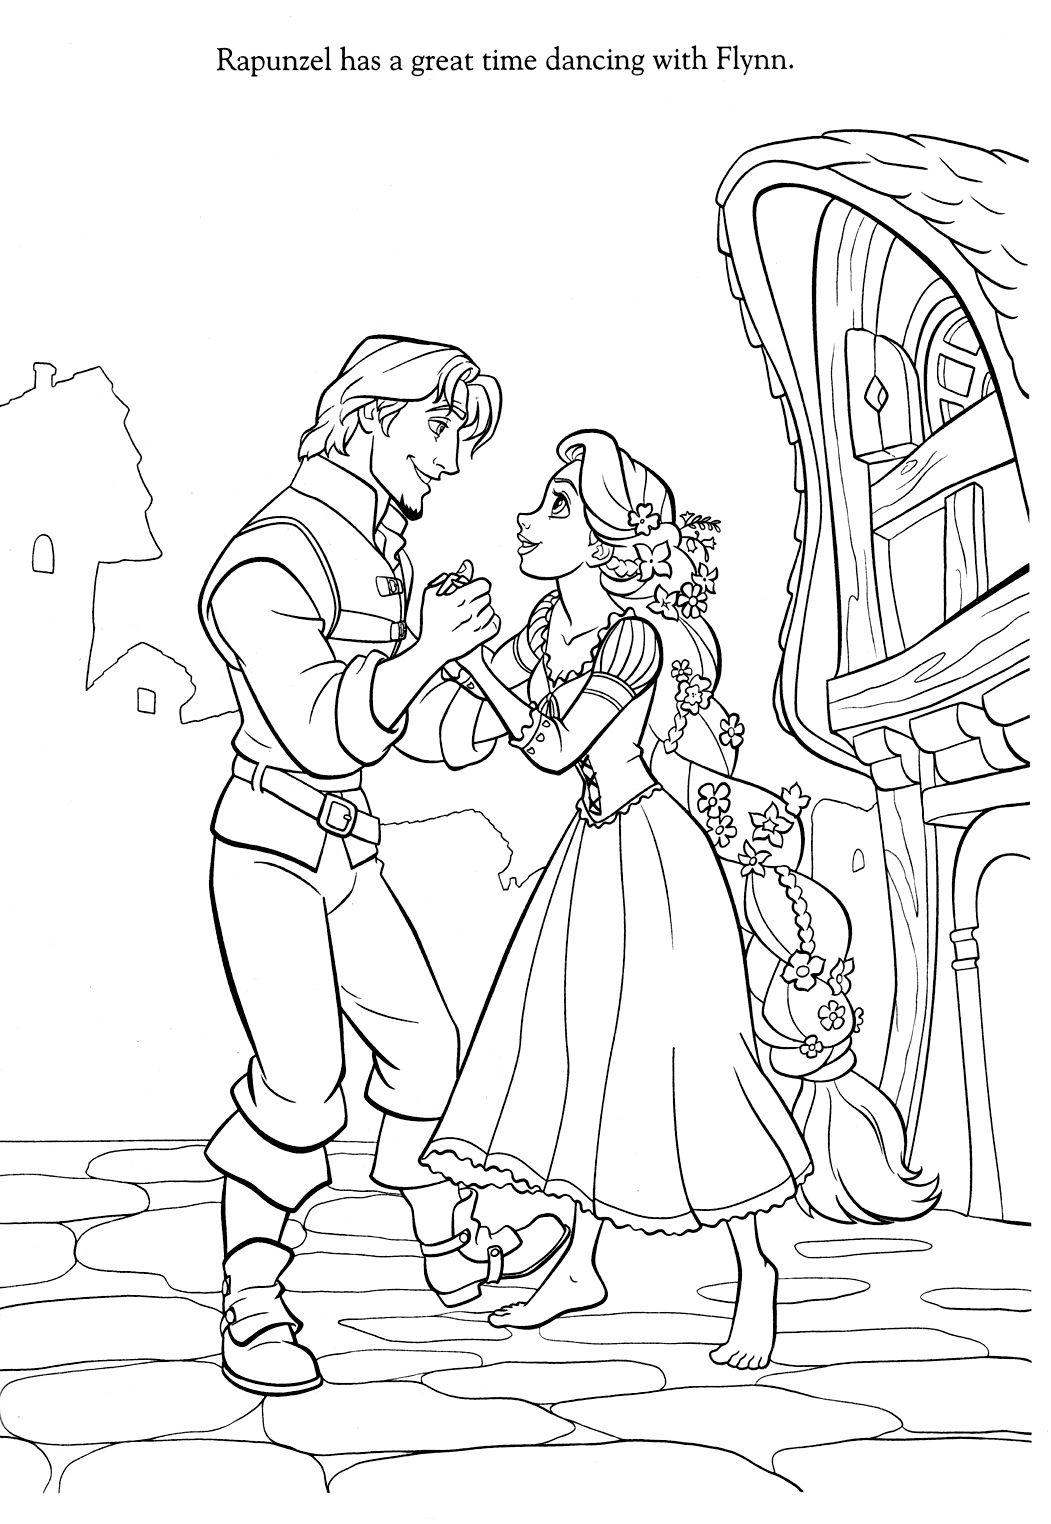 Disney Coloring Pages Rapunzel Coloring Pages Disney Princess Coloring Pages Princess Coloring Pages